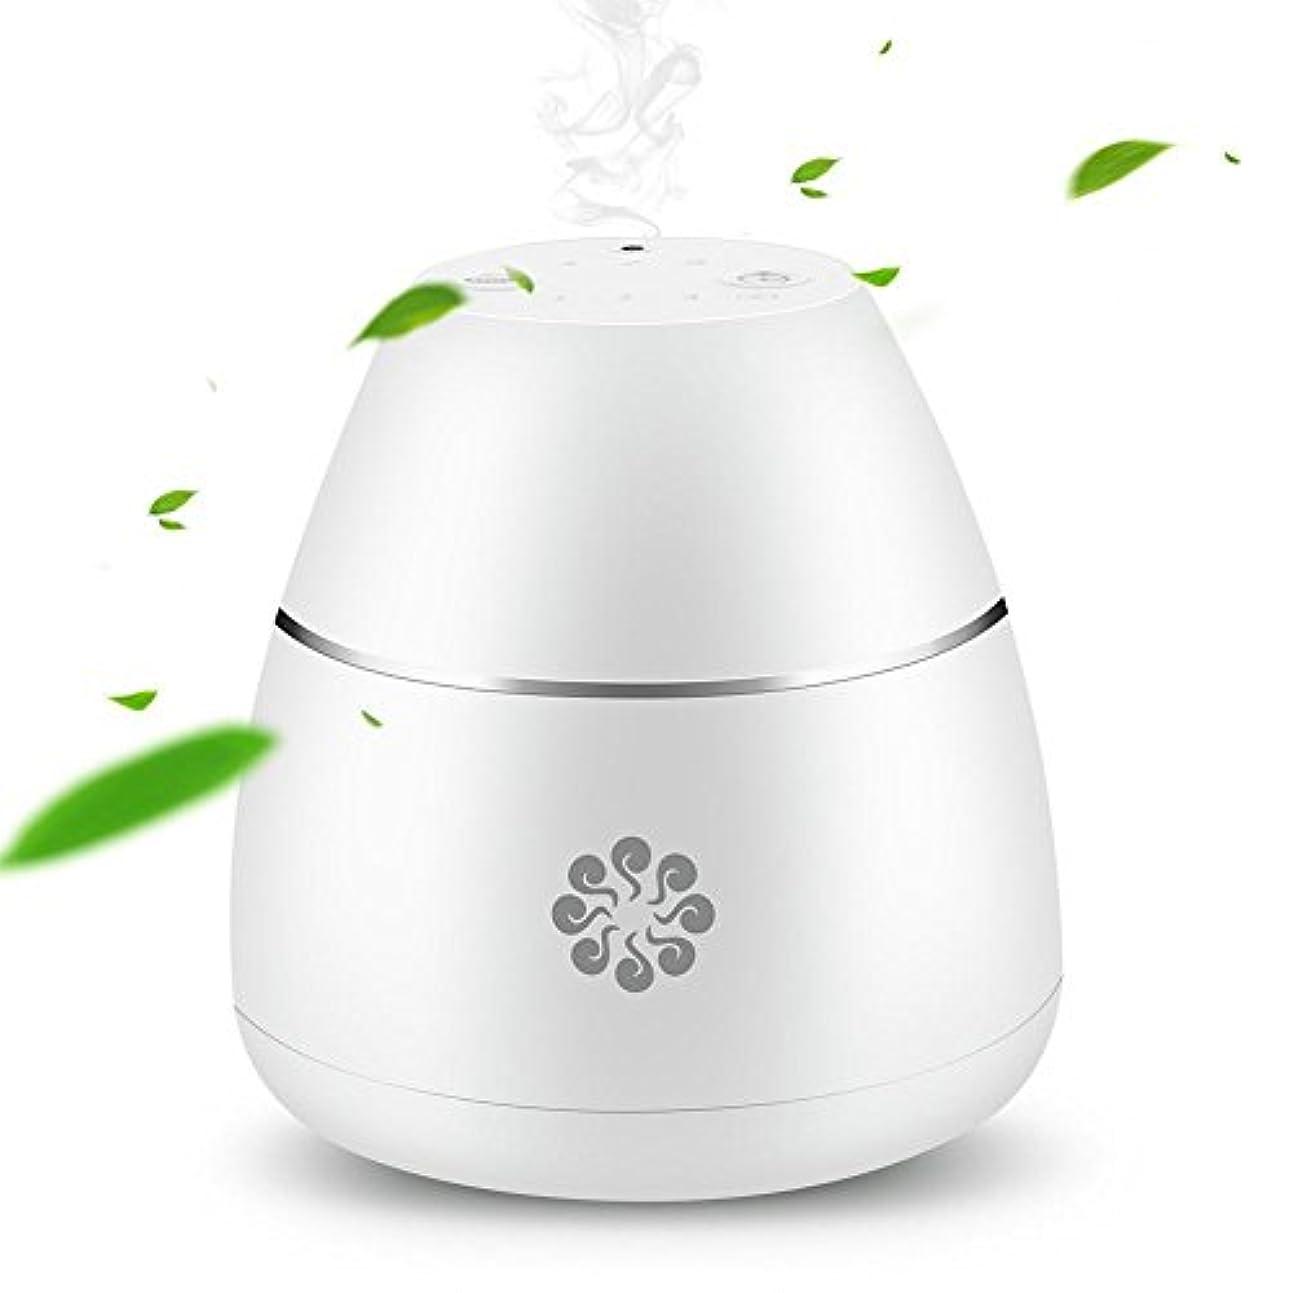 中止します味わう着るEjoyousアロマディフューザー 精油 ディフューザー 空気清浄機 冷たい霧化 アロマセラピー USB充電式 エッセンシャルオイル 芳香器 タイマー付き